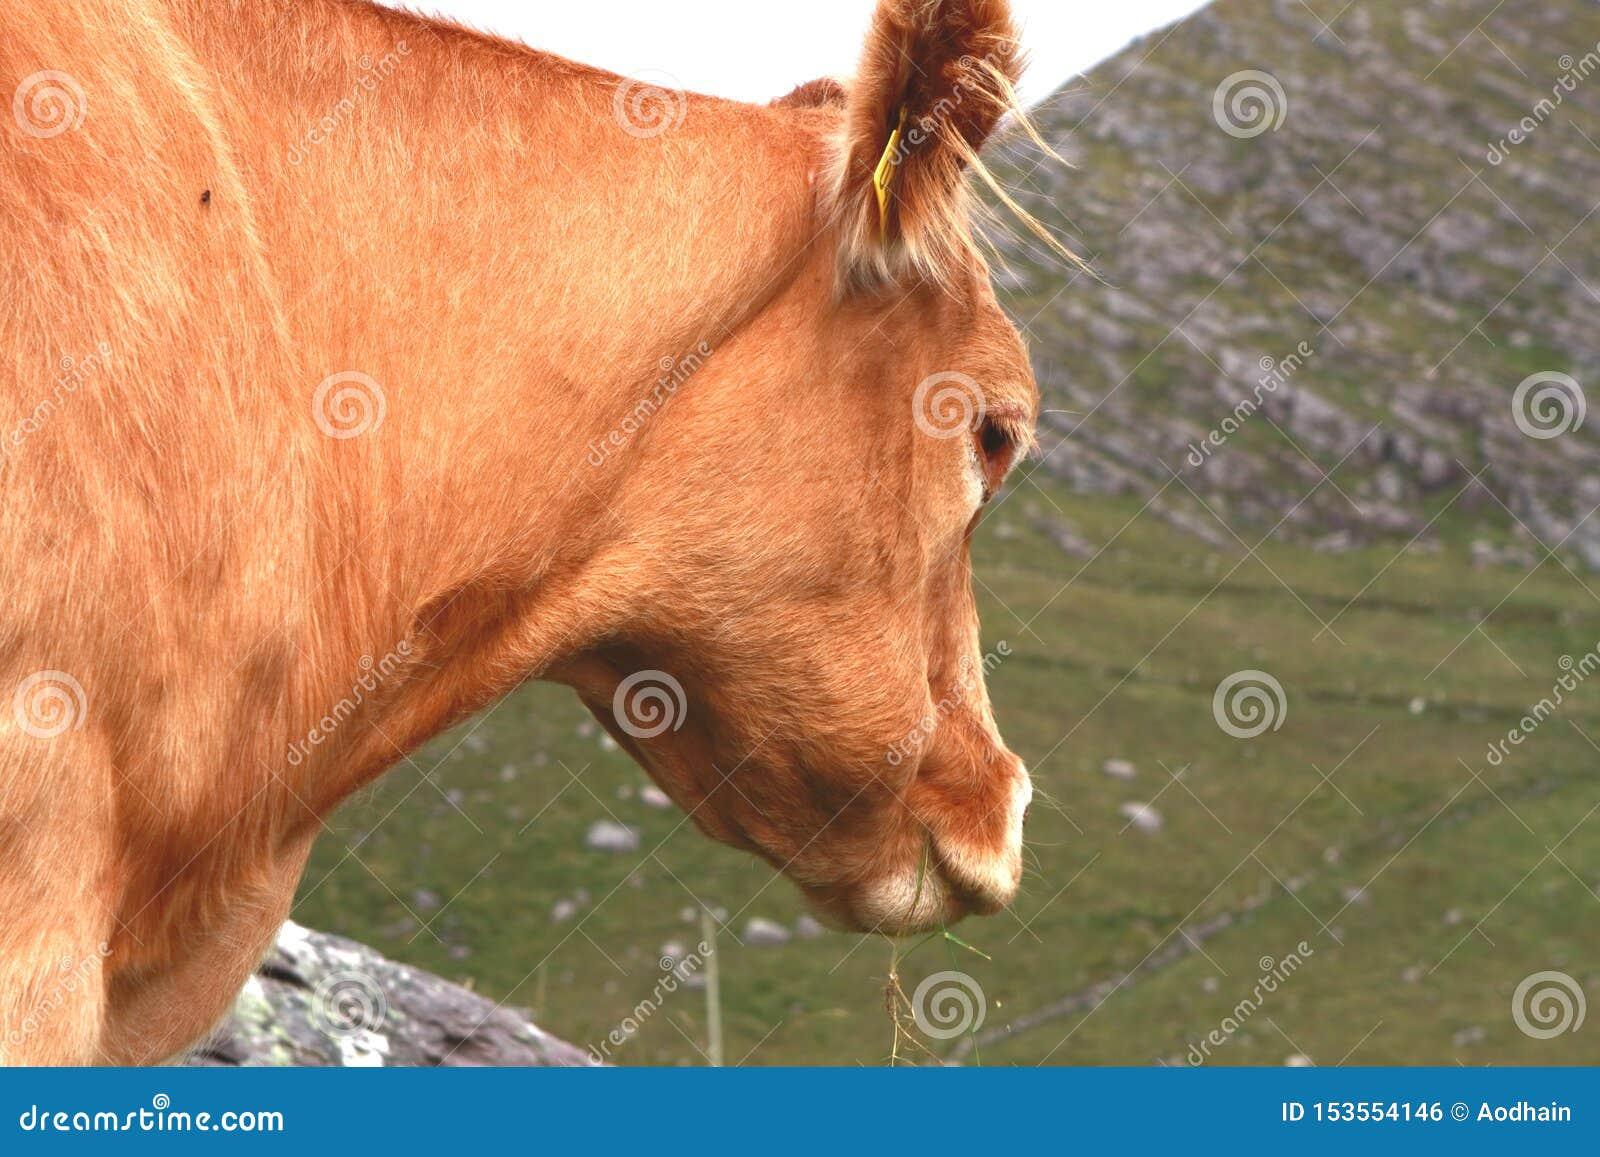 Ορεινή περιοχή Grazer, κόκκινη αγελάδα σε μια ρύθμιση ορεινών περιοχών